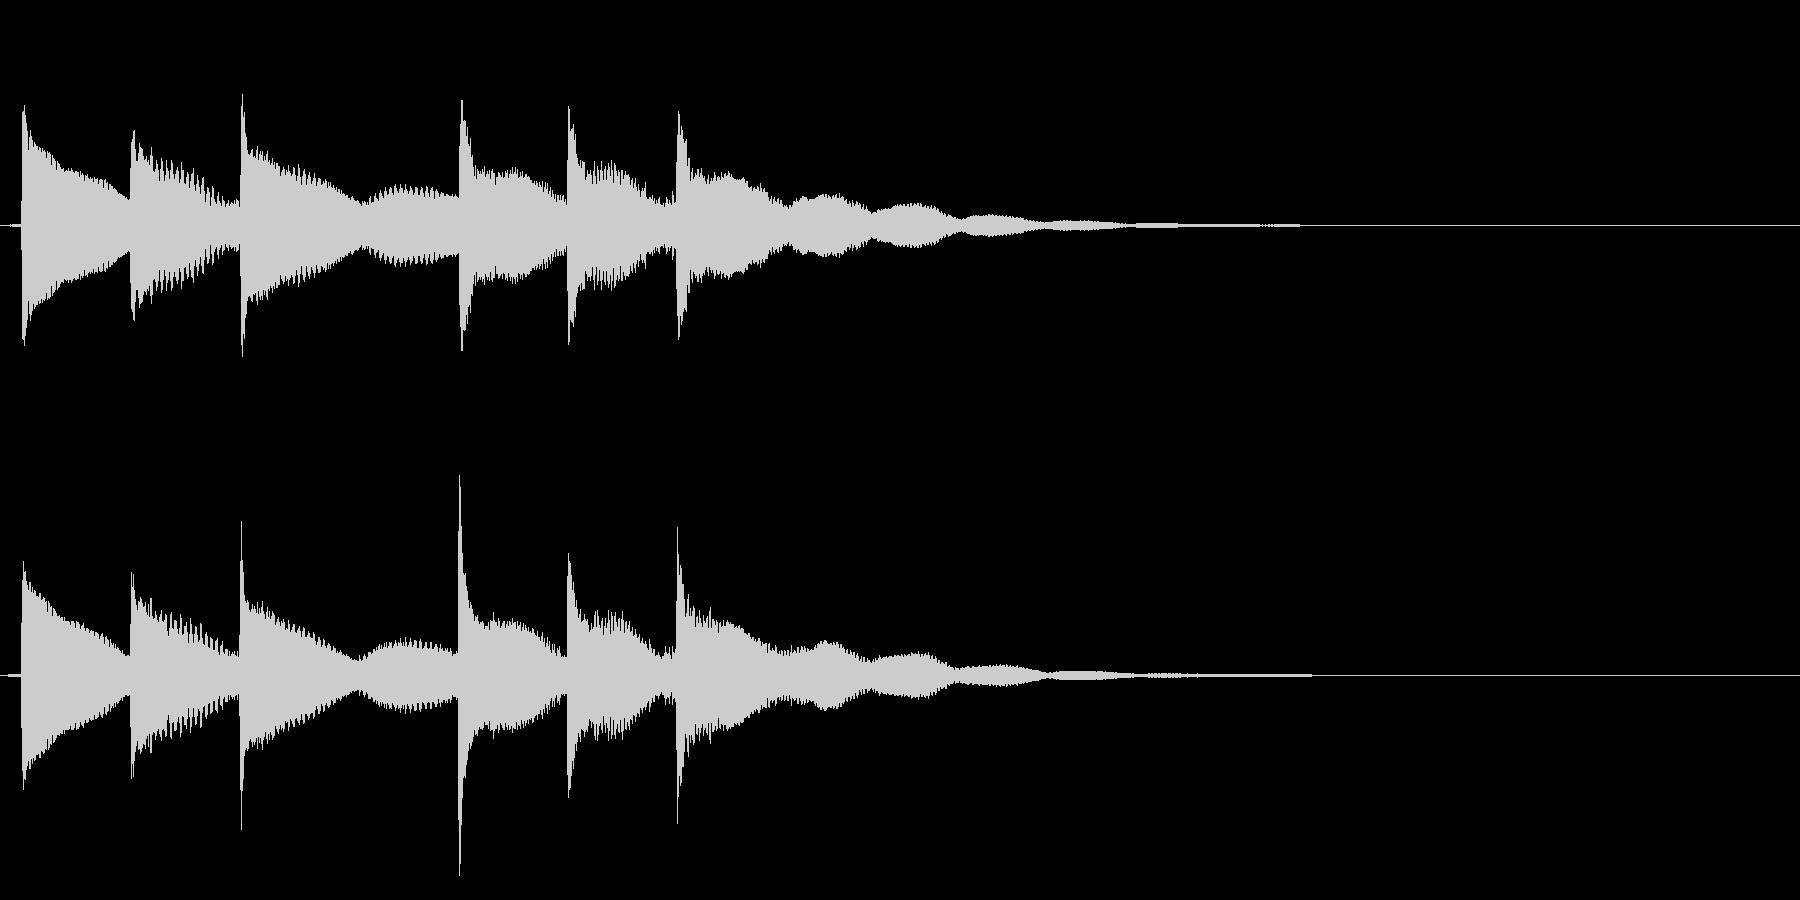 ティロリンティロリン音階が前後で変化ベルの未再生の波形